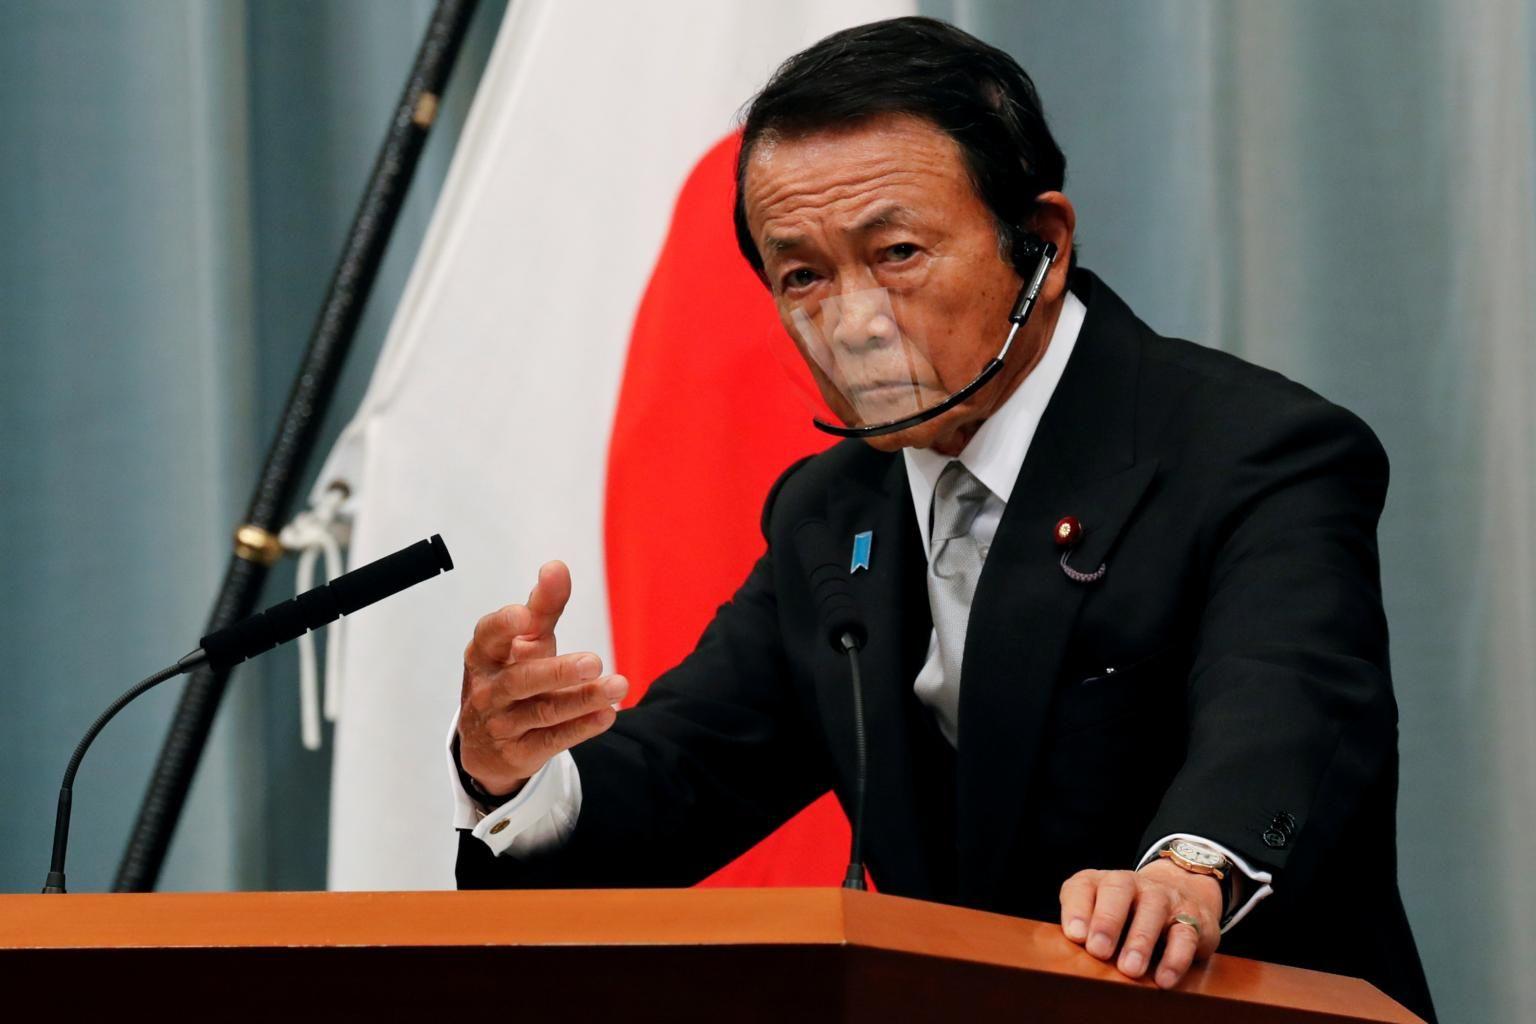 日本多次激怒華,美前情報官擔憂:中國不先使用核武,日本恐除外